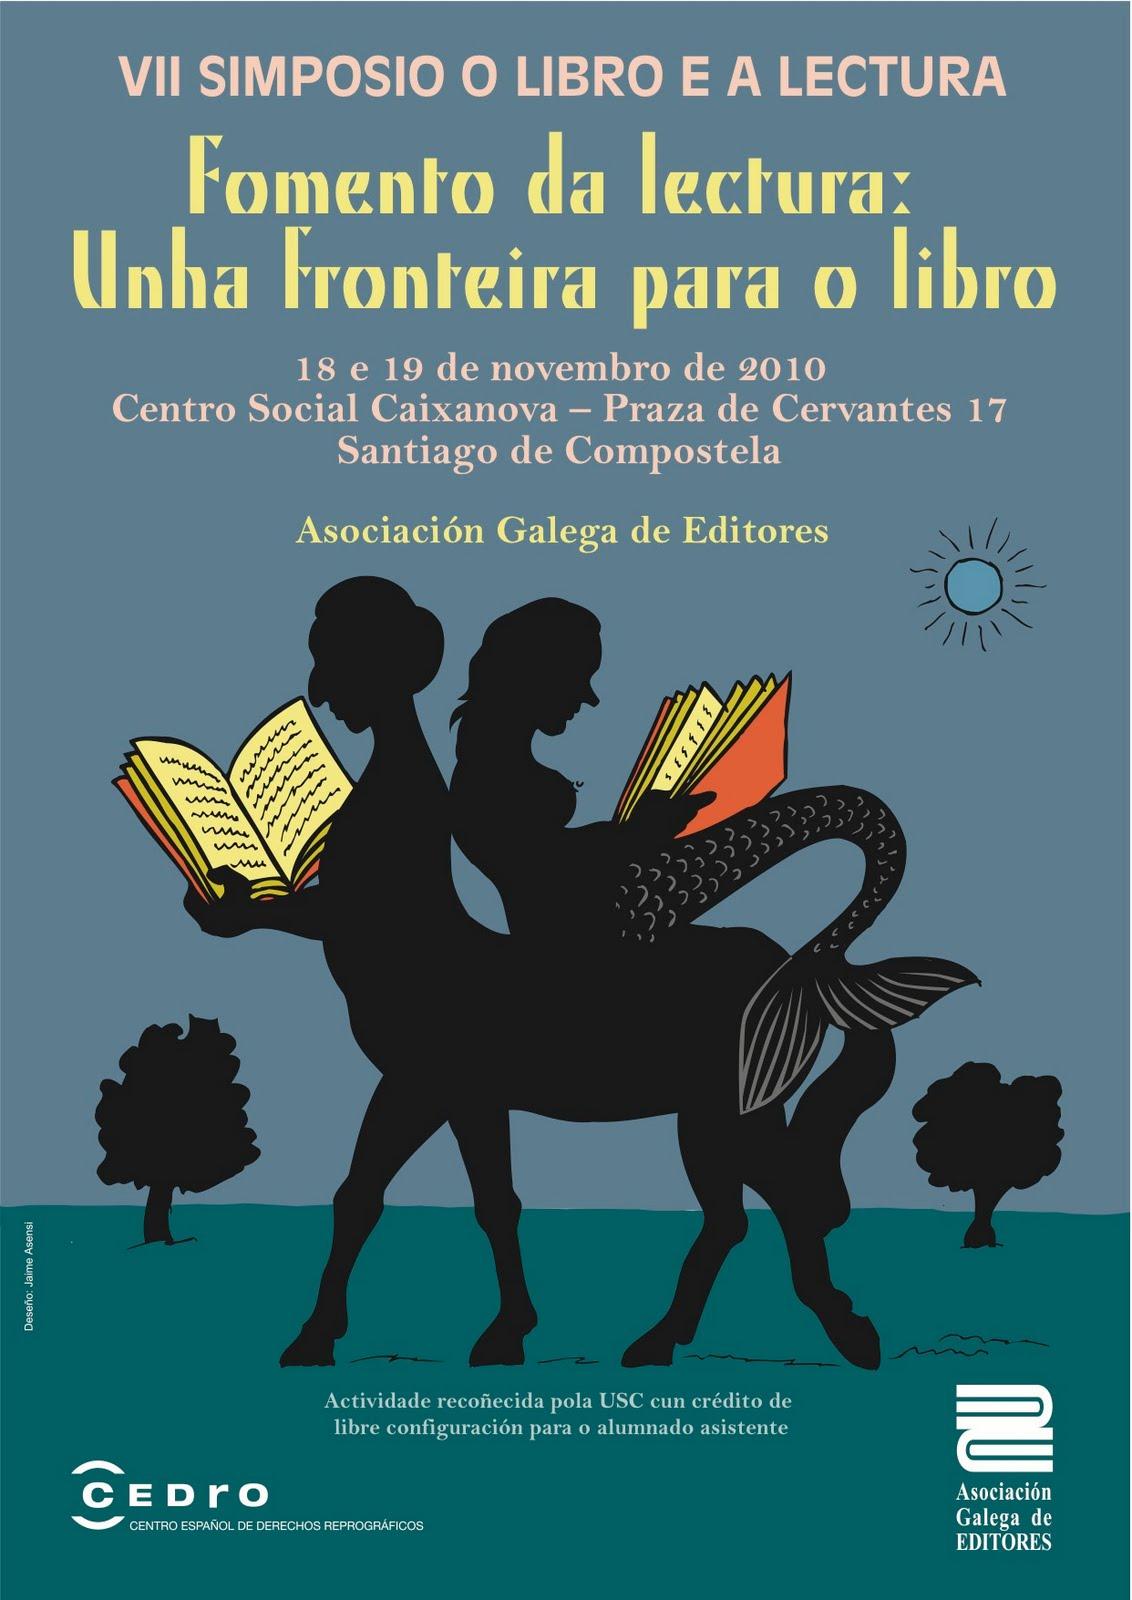 VII Simposio o libro e a lectura